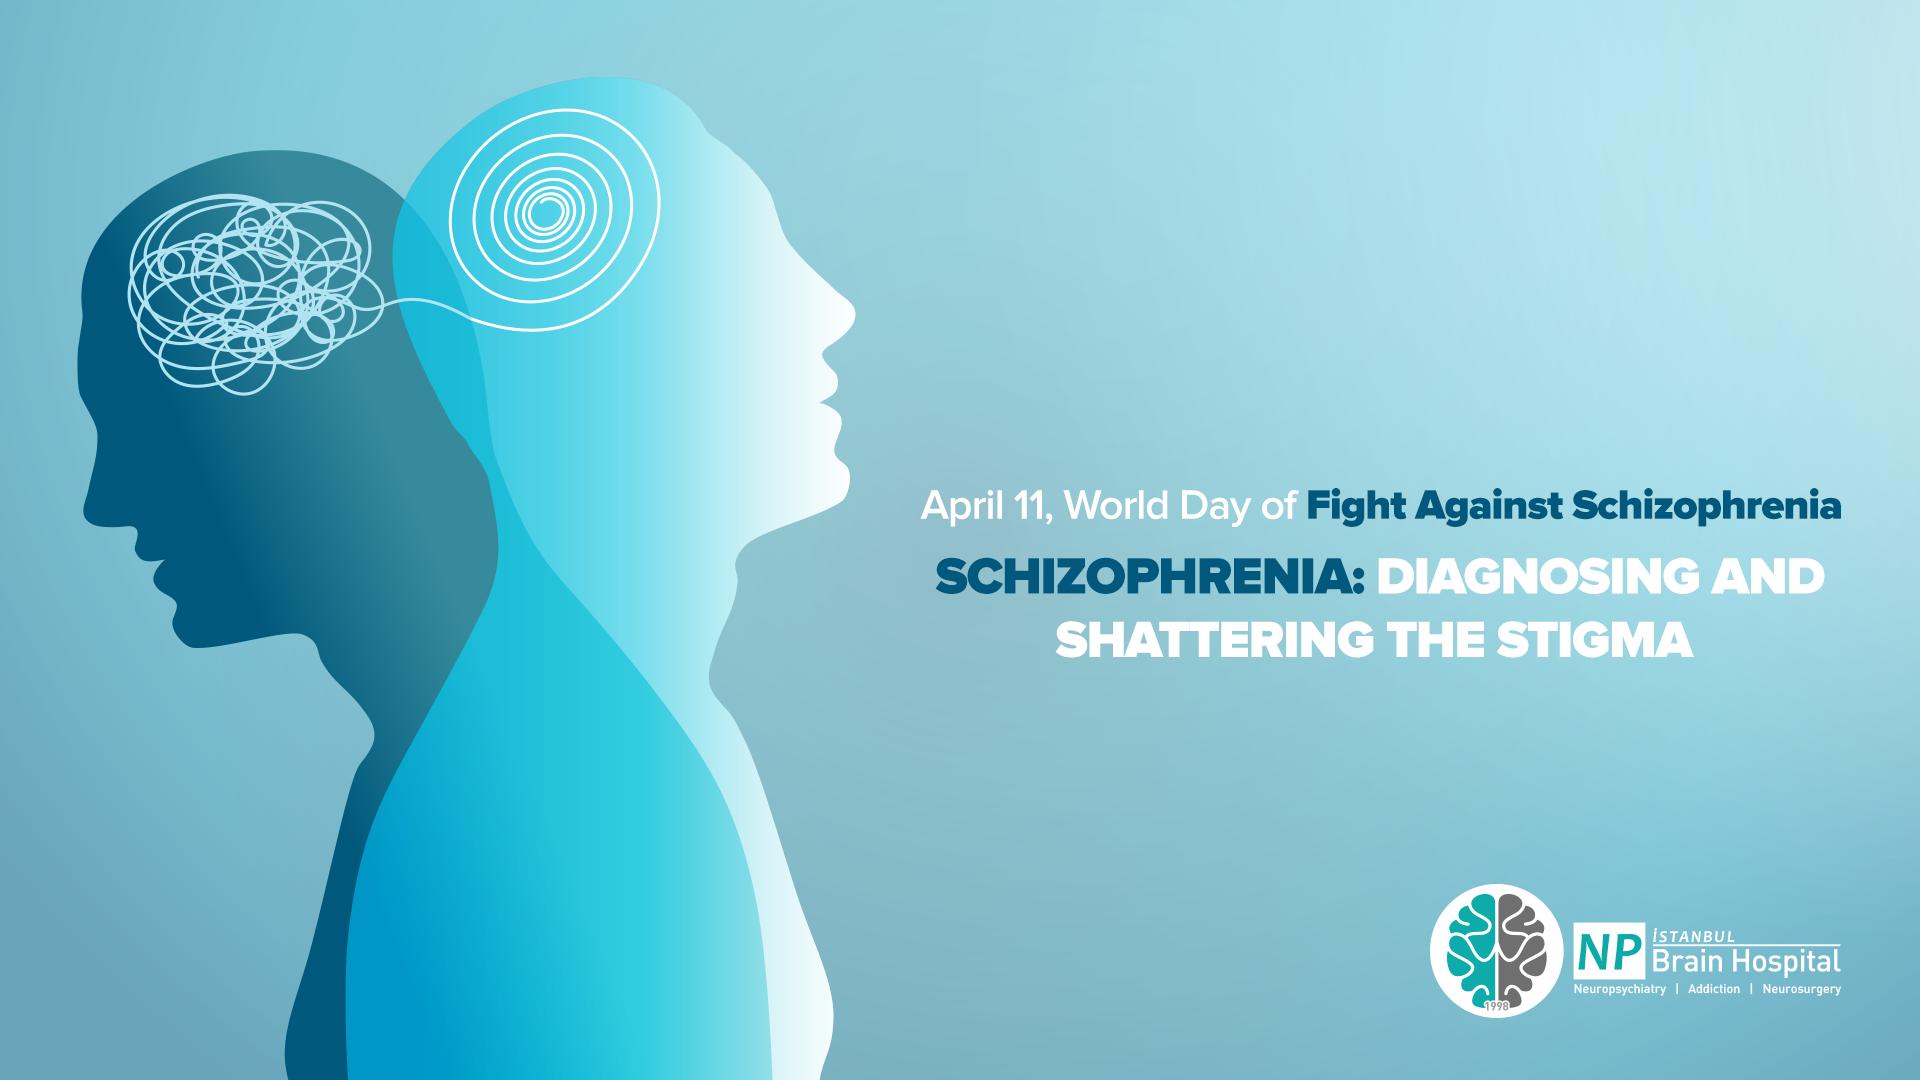 Stigma in Schizophrenia and Difficulty in Diagnosing It